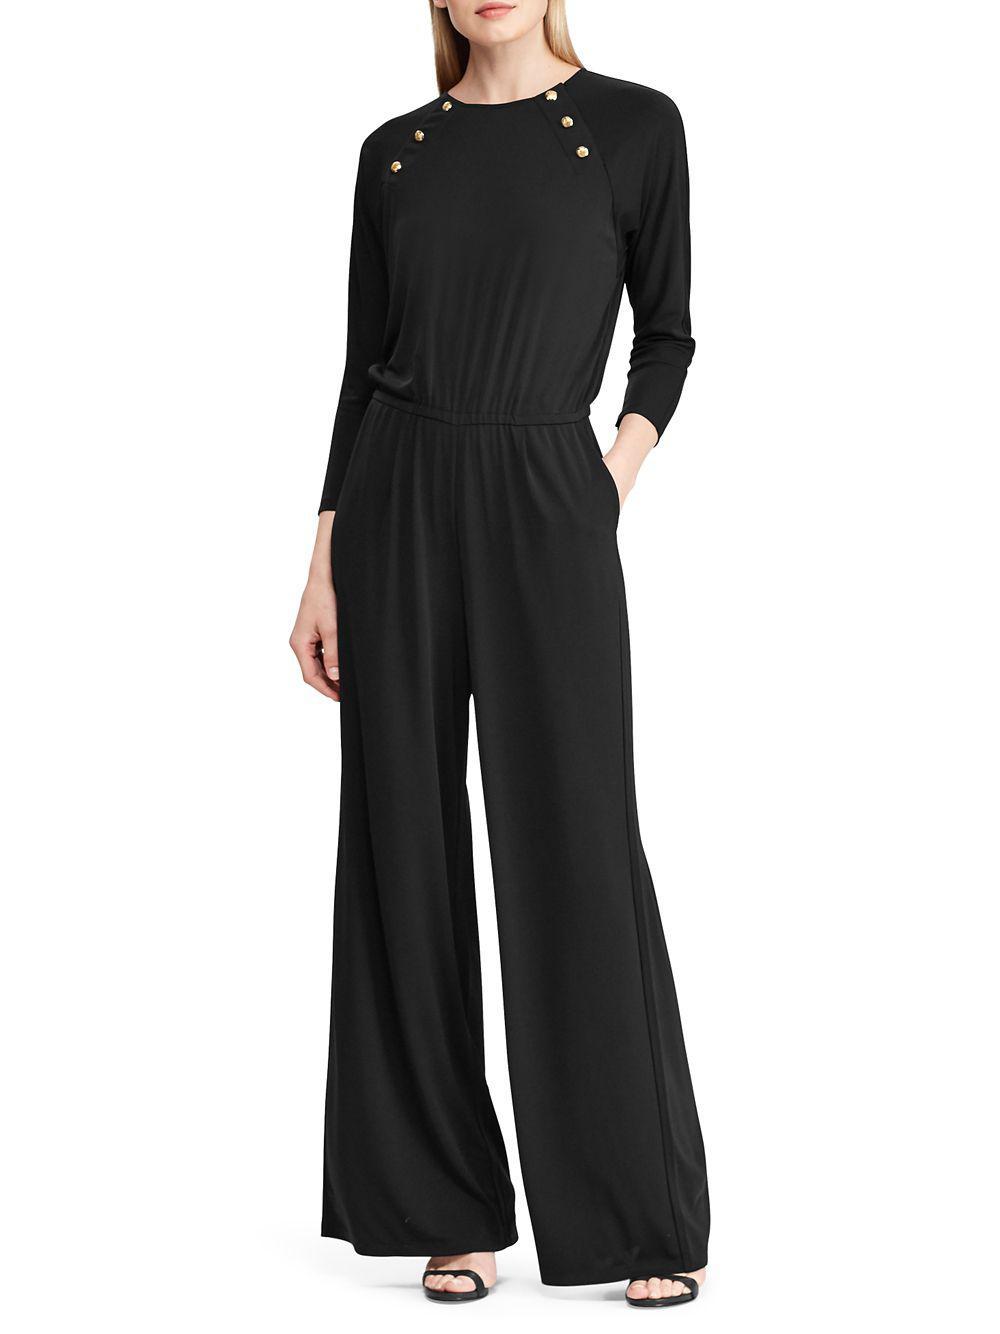 5bc58717238 Lyst - Lauren By Ralph Lauren Rivet-trimmed Jumpsuit in Black